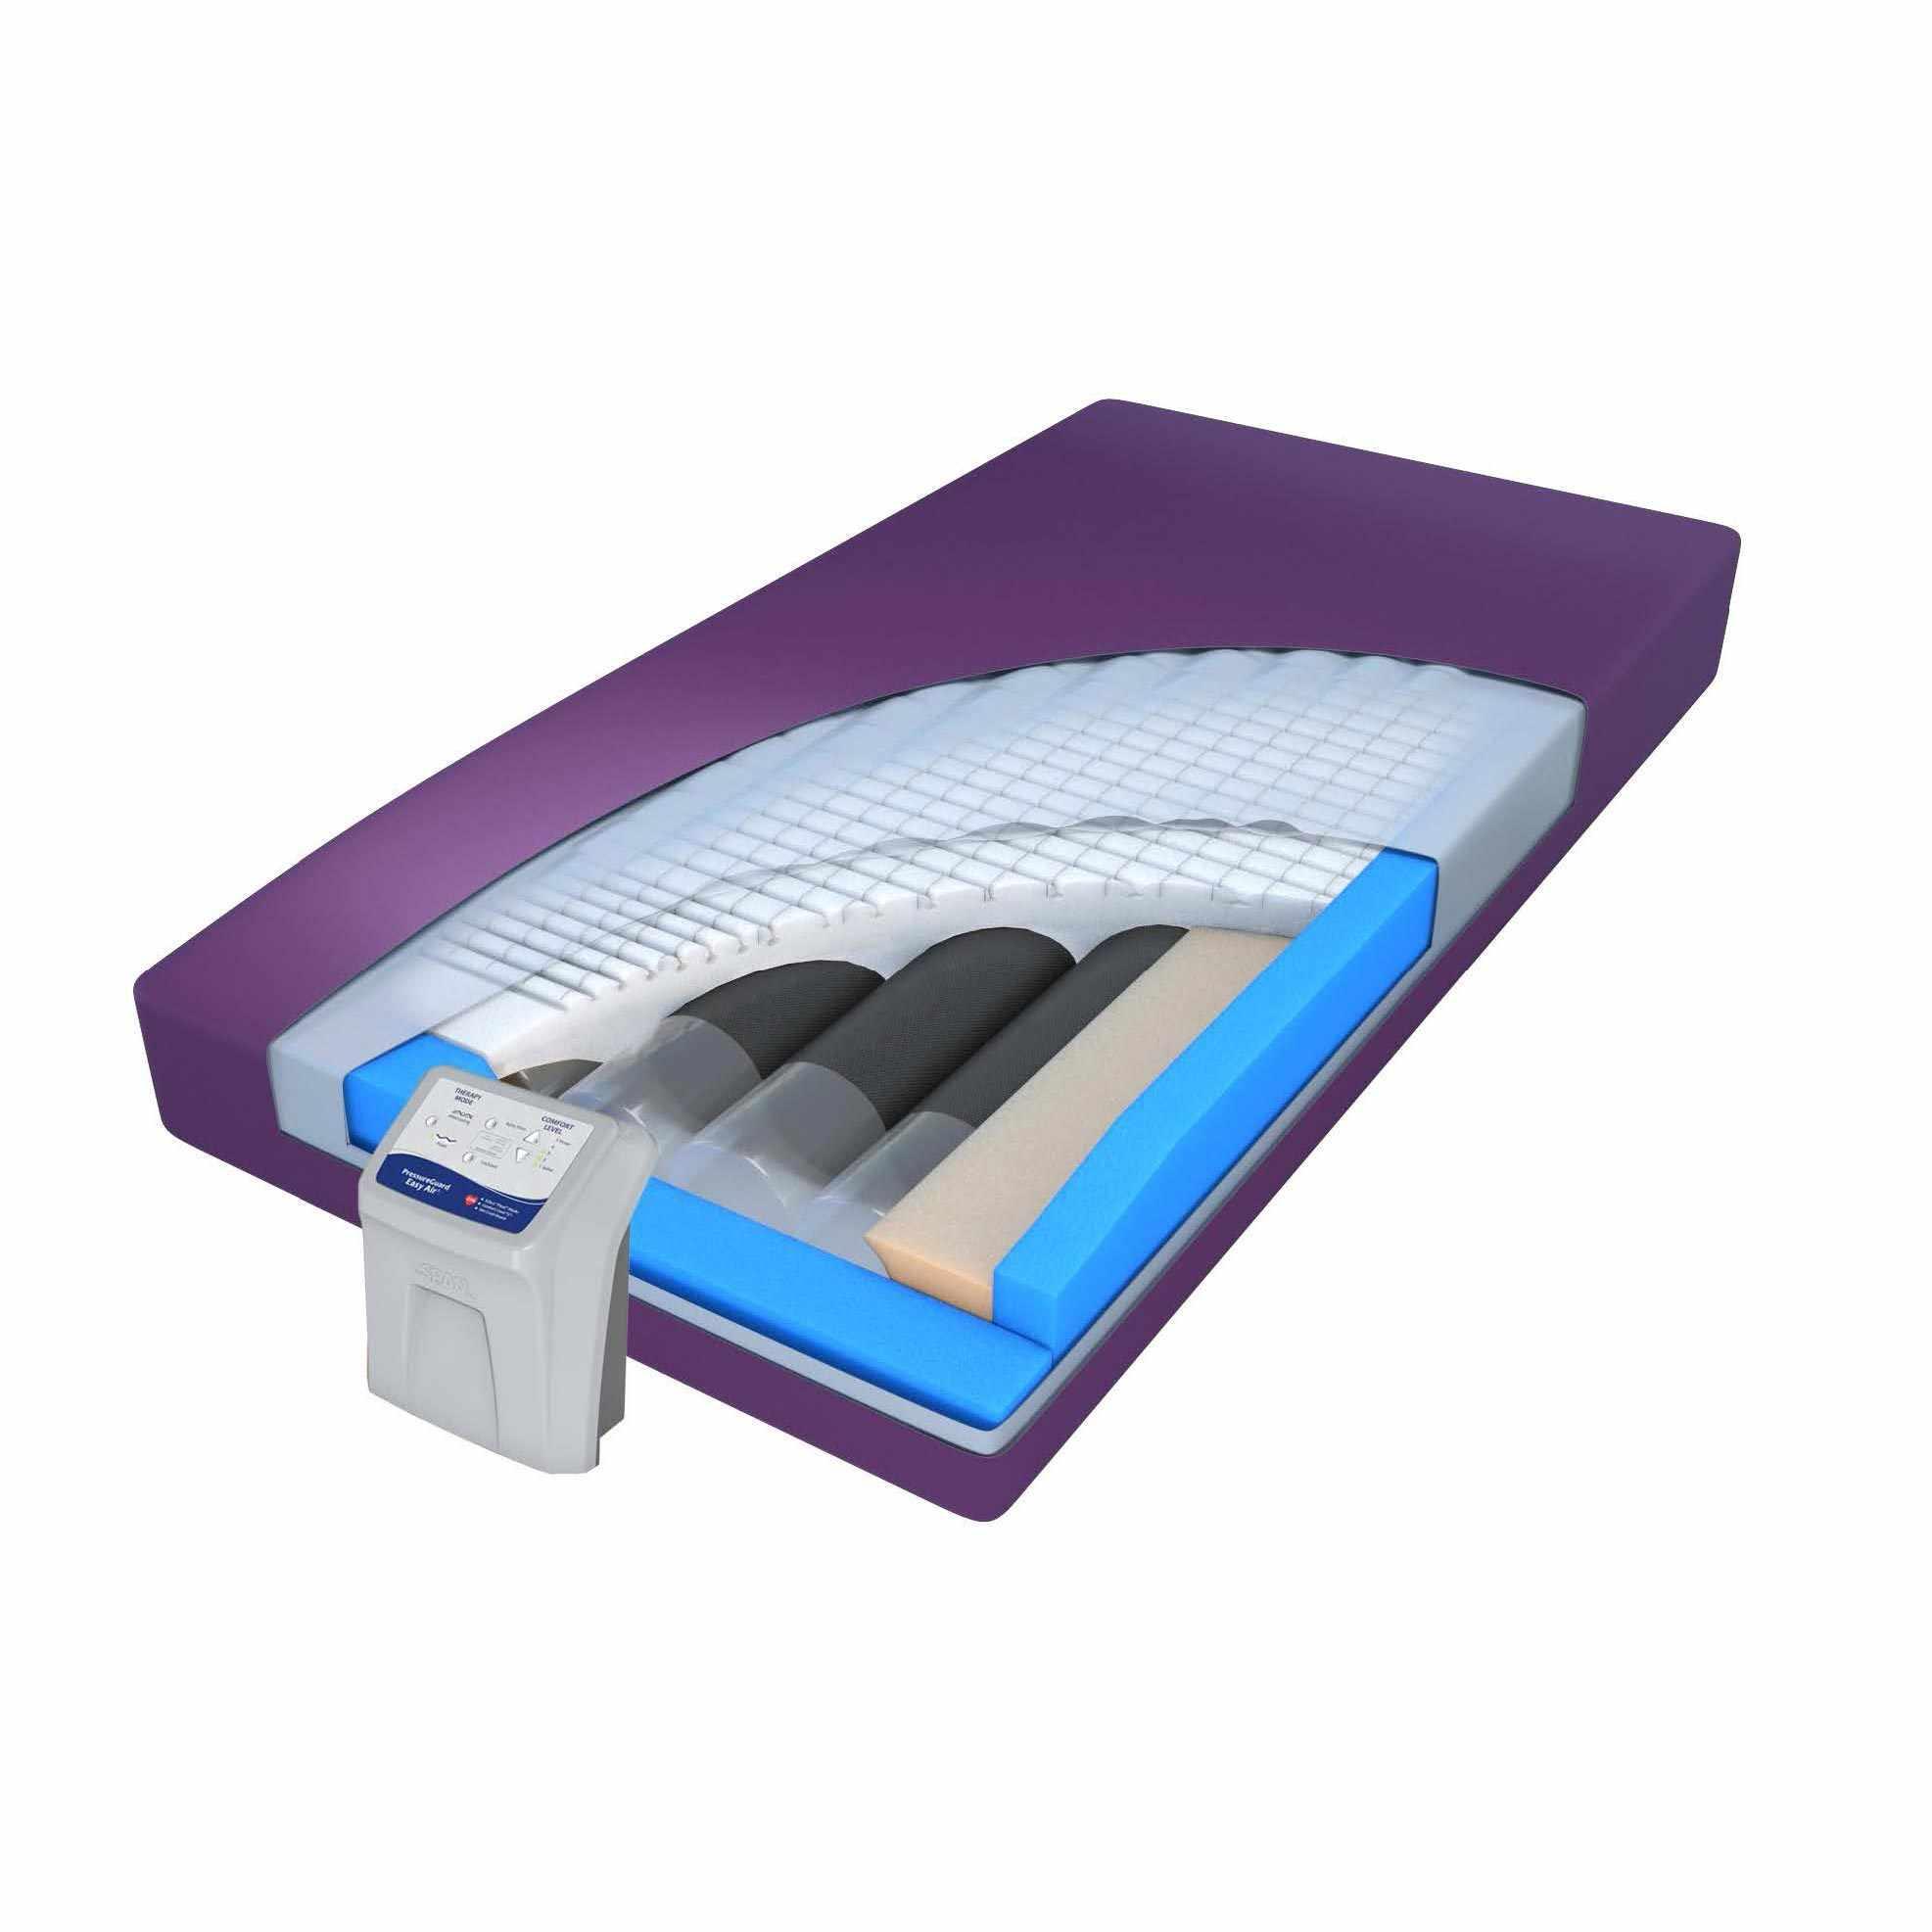 Span America pressureguard easy air mattress